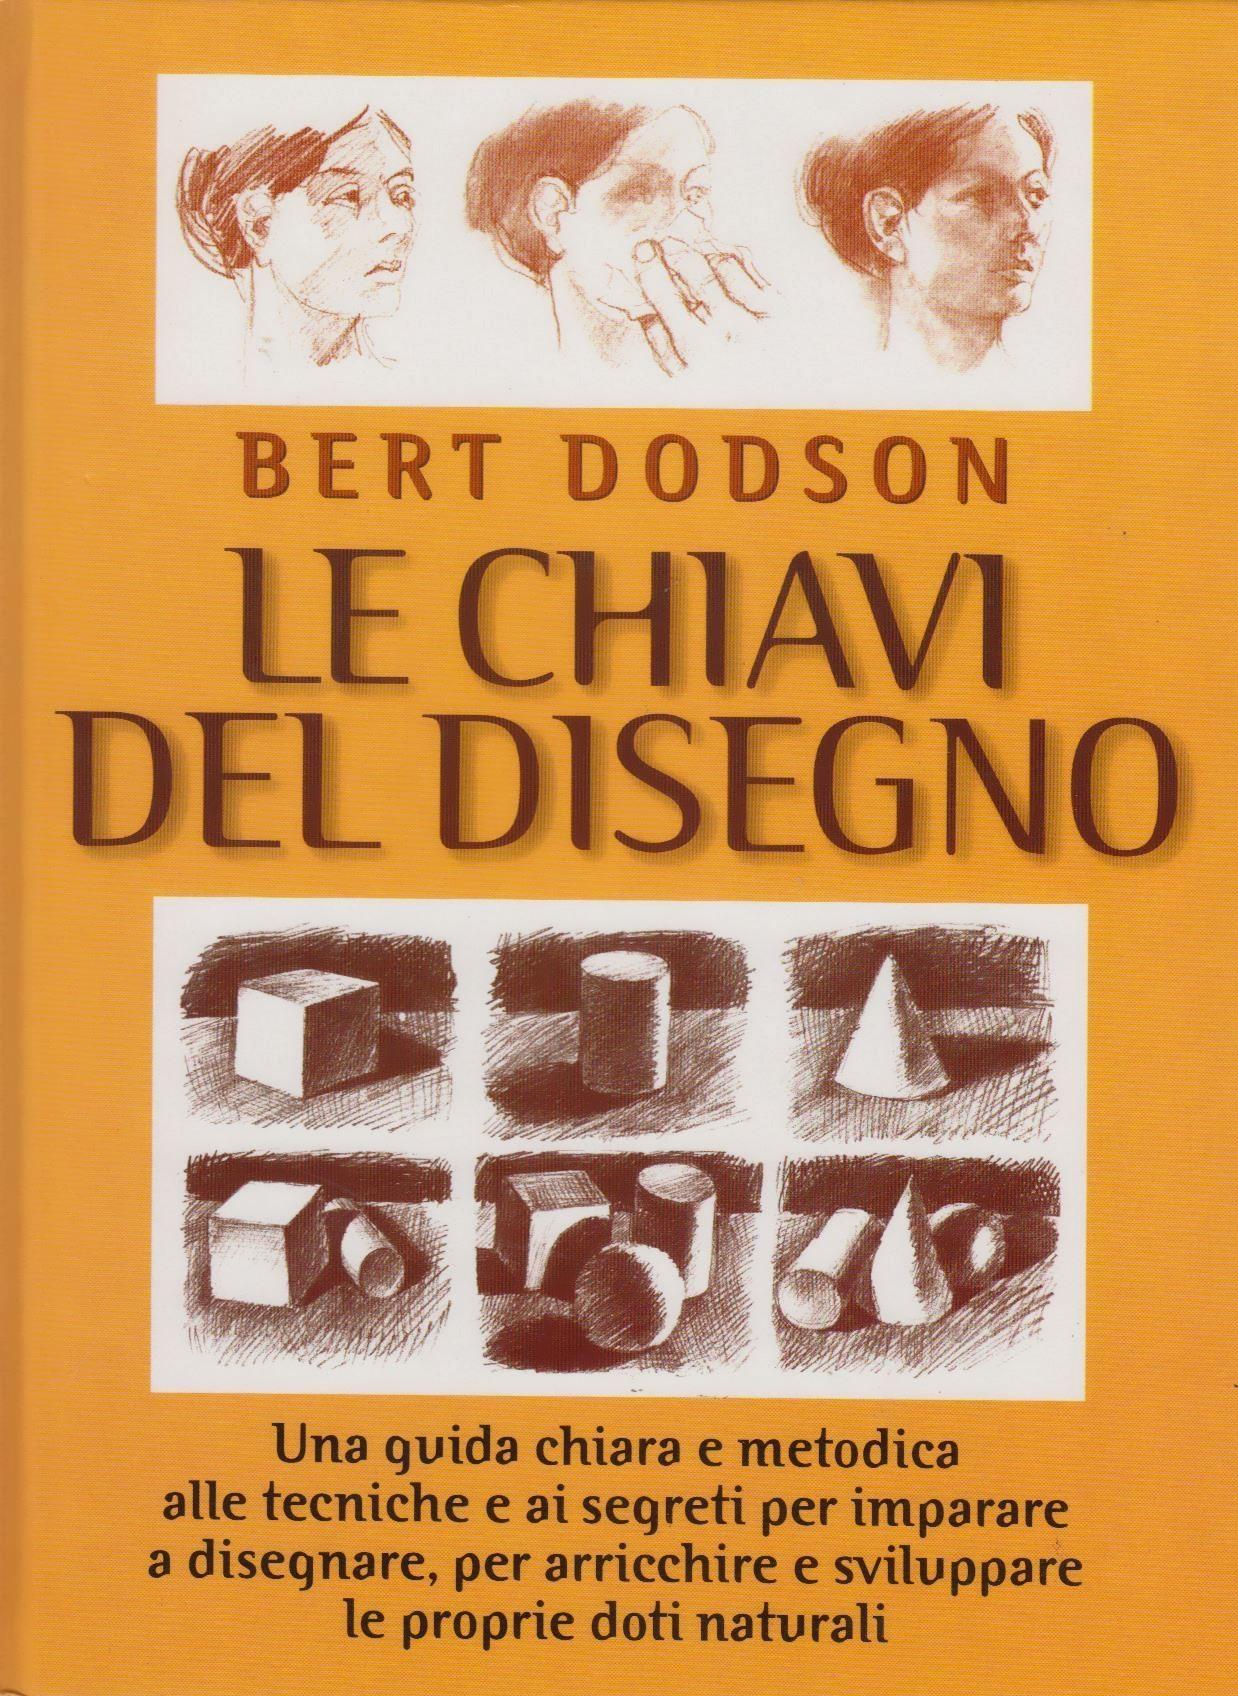 Le Chiavi Del Disegno.Bert Dodson Le Chiavi Del Disegno Mercatino Di Informatica